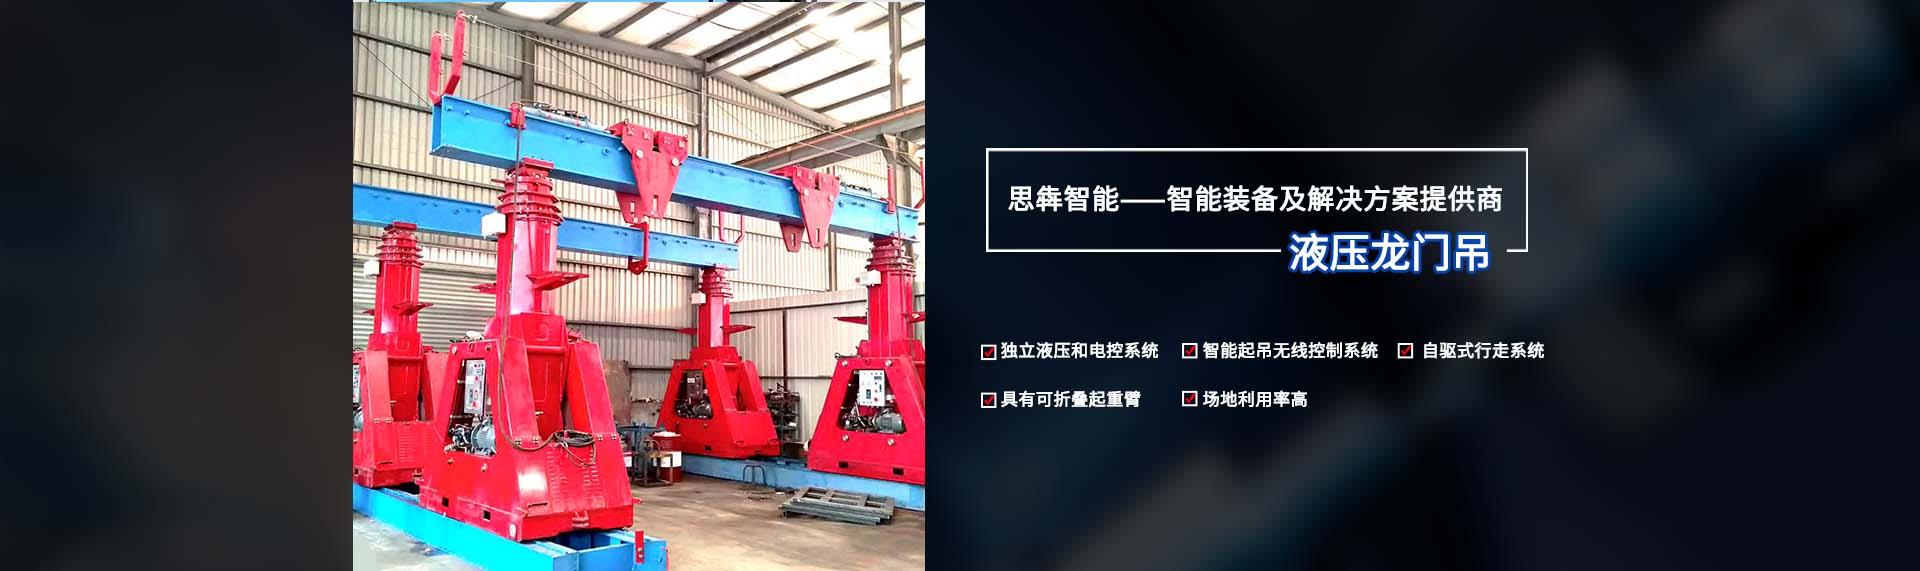 制造液压升降平台,生产滚珠丝杆升降台